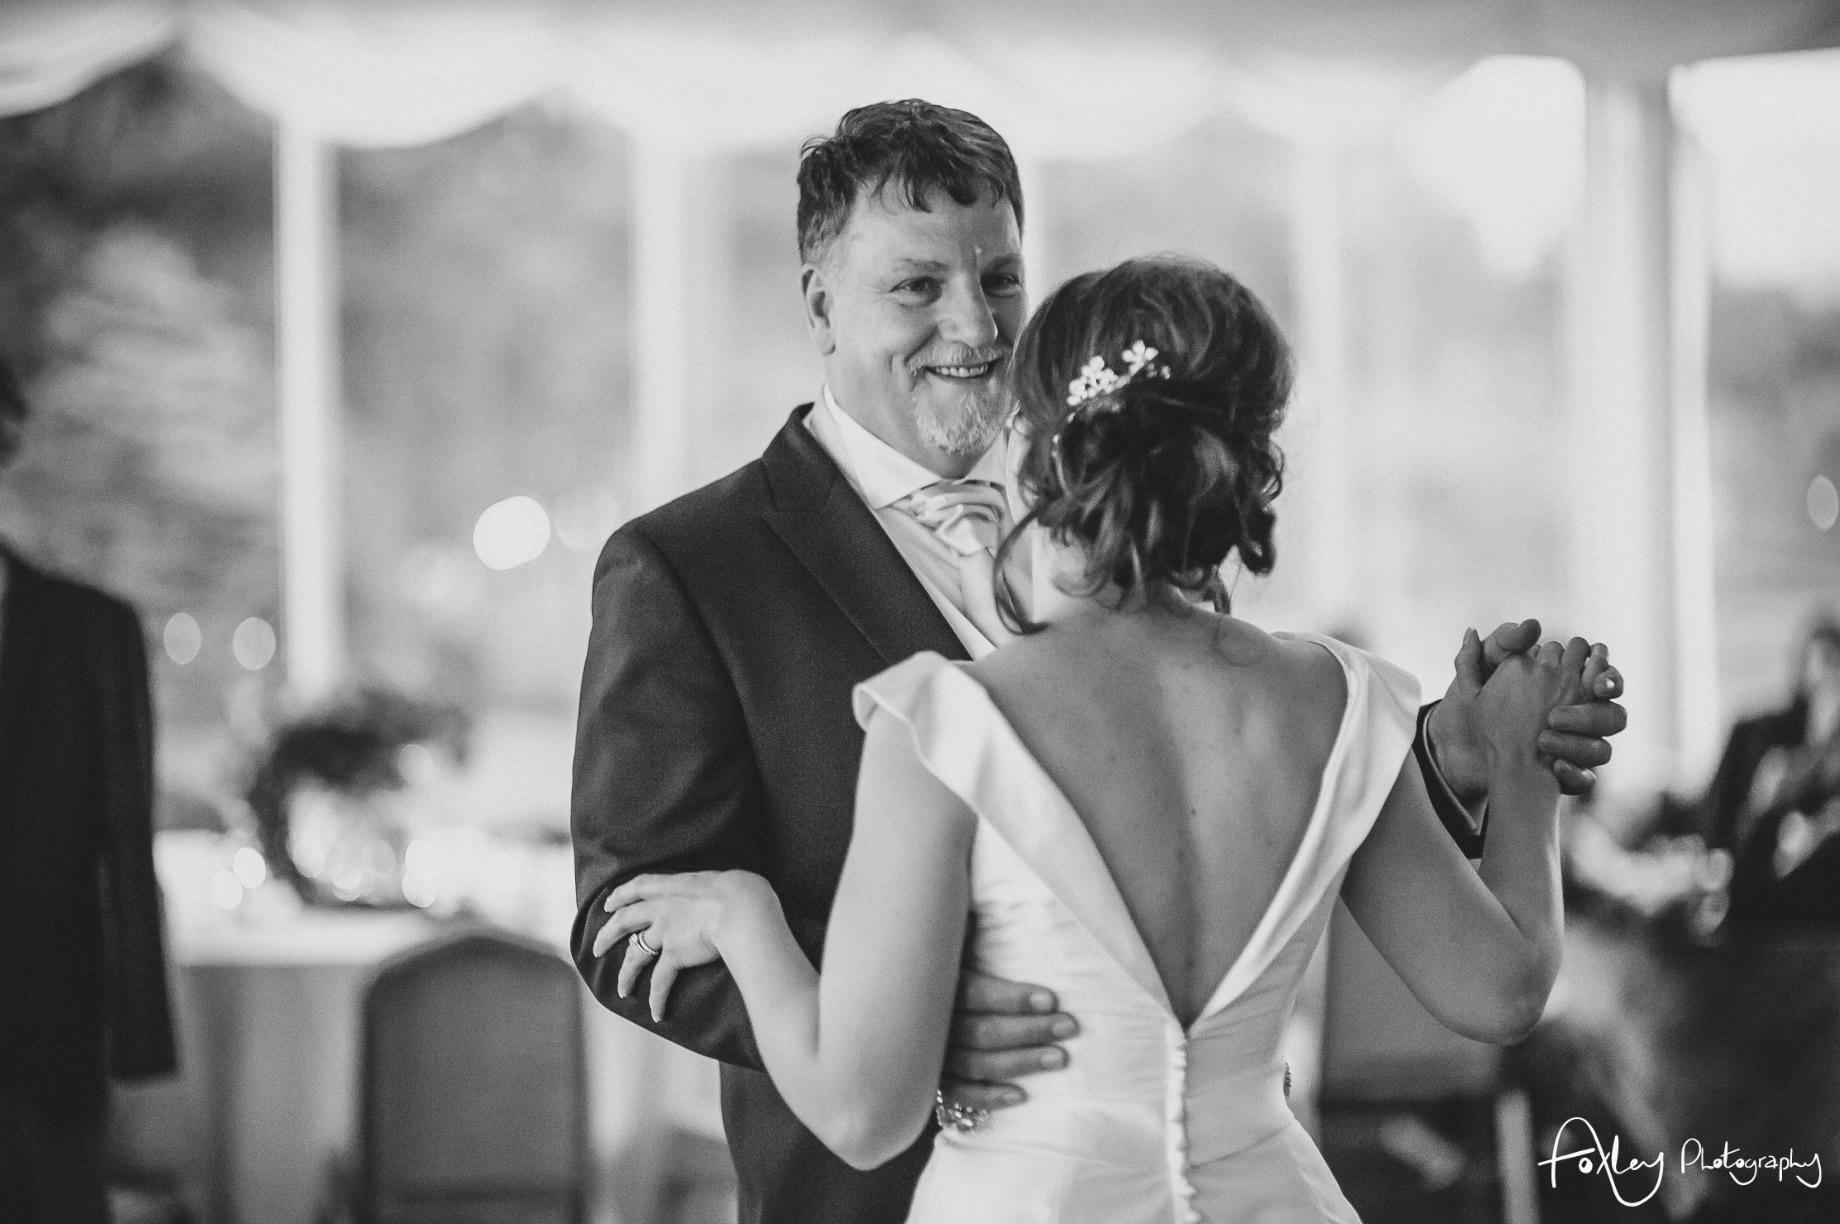 Simona-and-Robert-Wedding-at-Colshaw-Hall-154